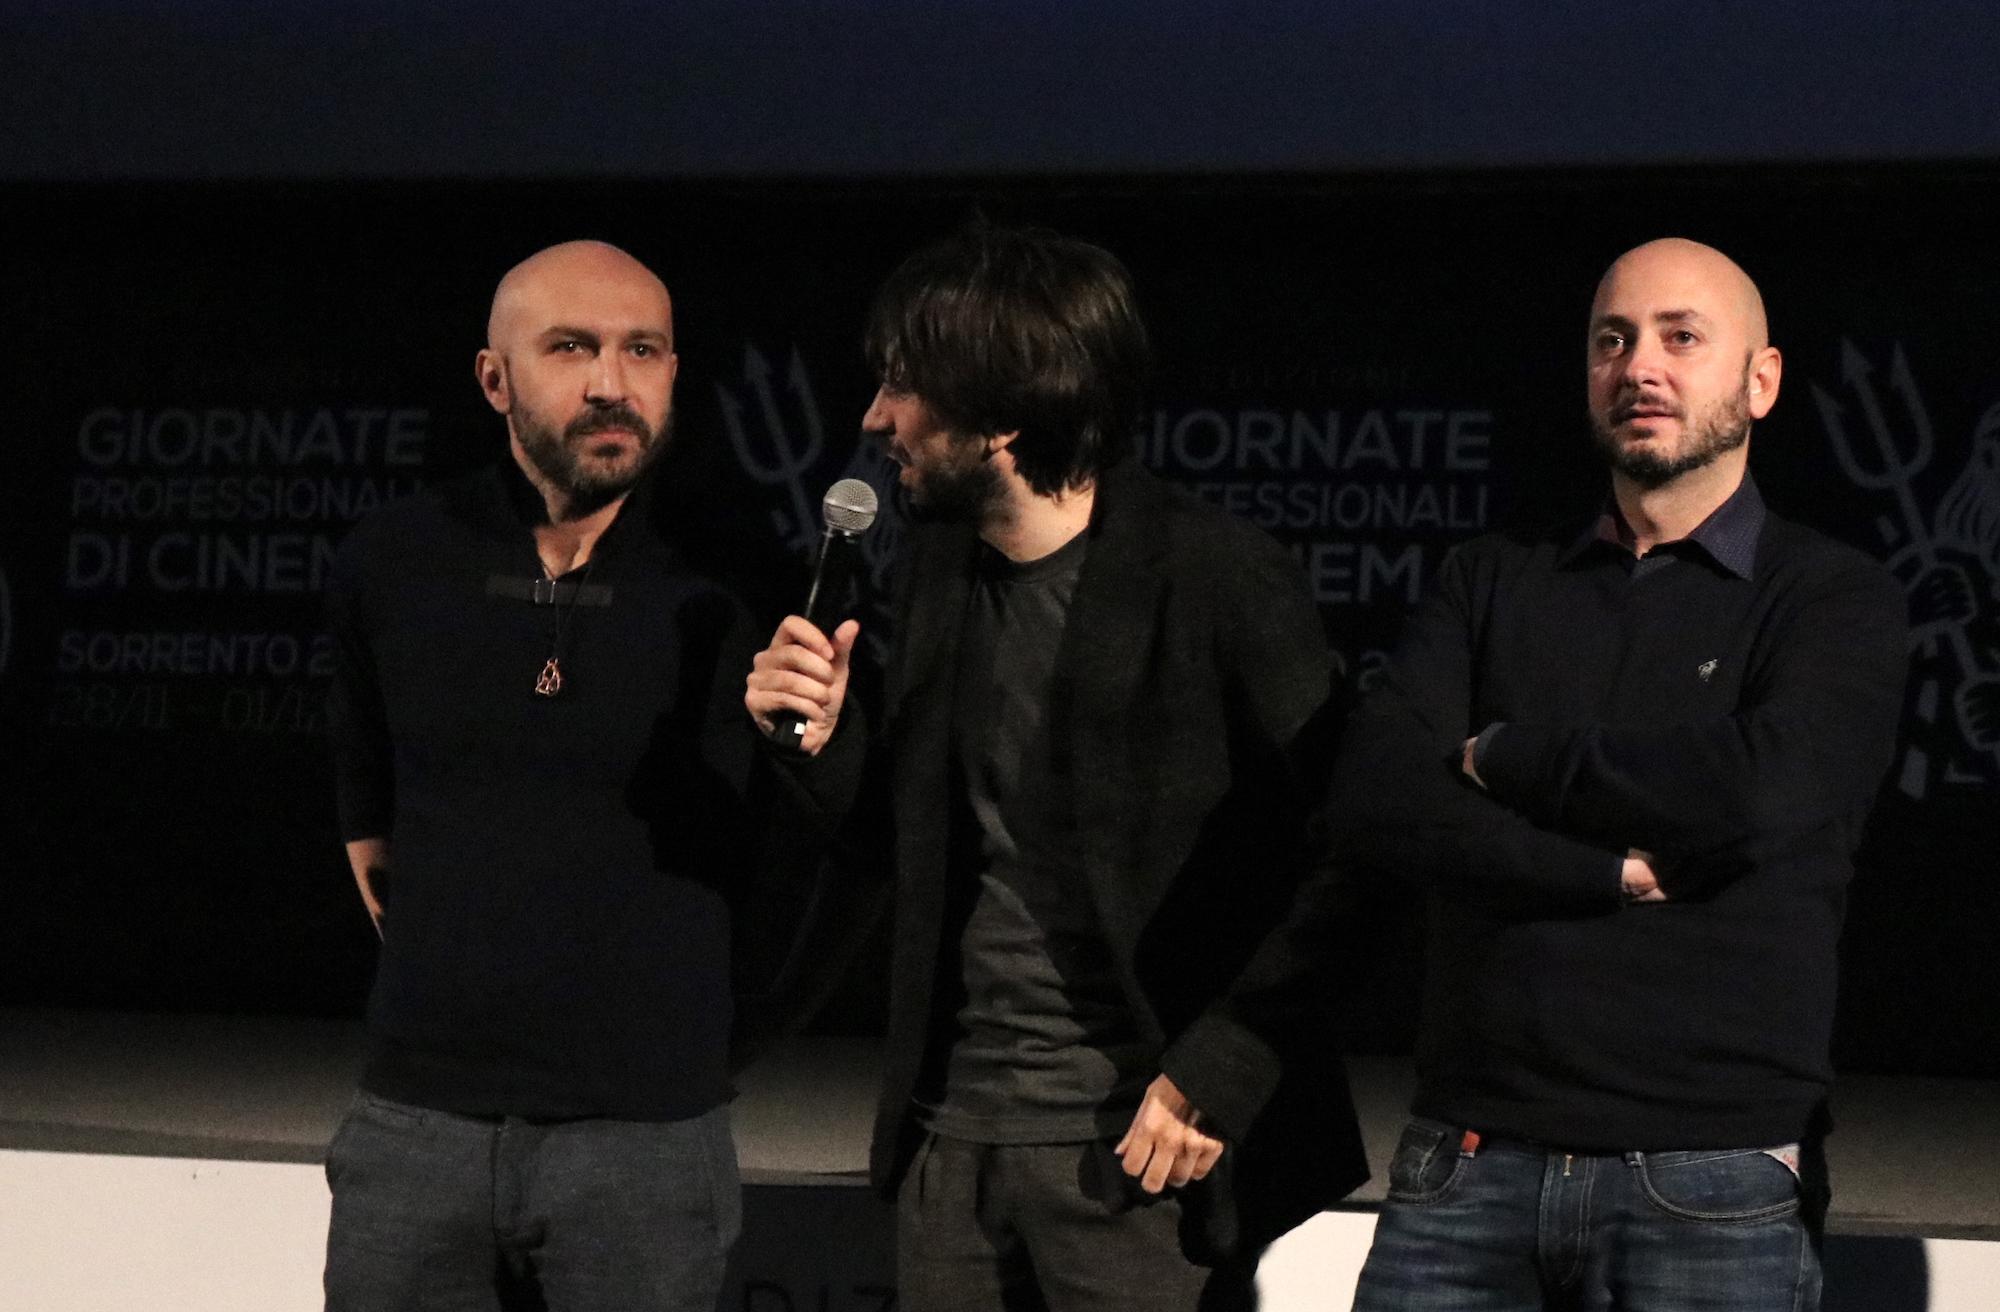 Omicidio all'italiana: Maccio Capatonda, Herbert Ballerina alle giornate professionali di cinema di Sorrento